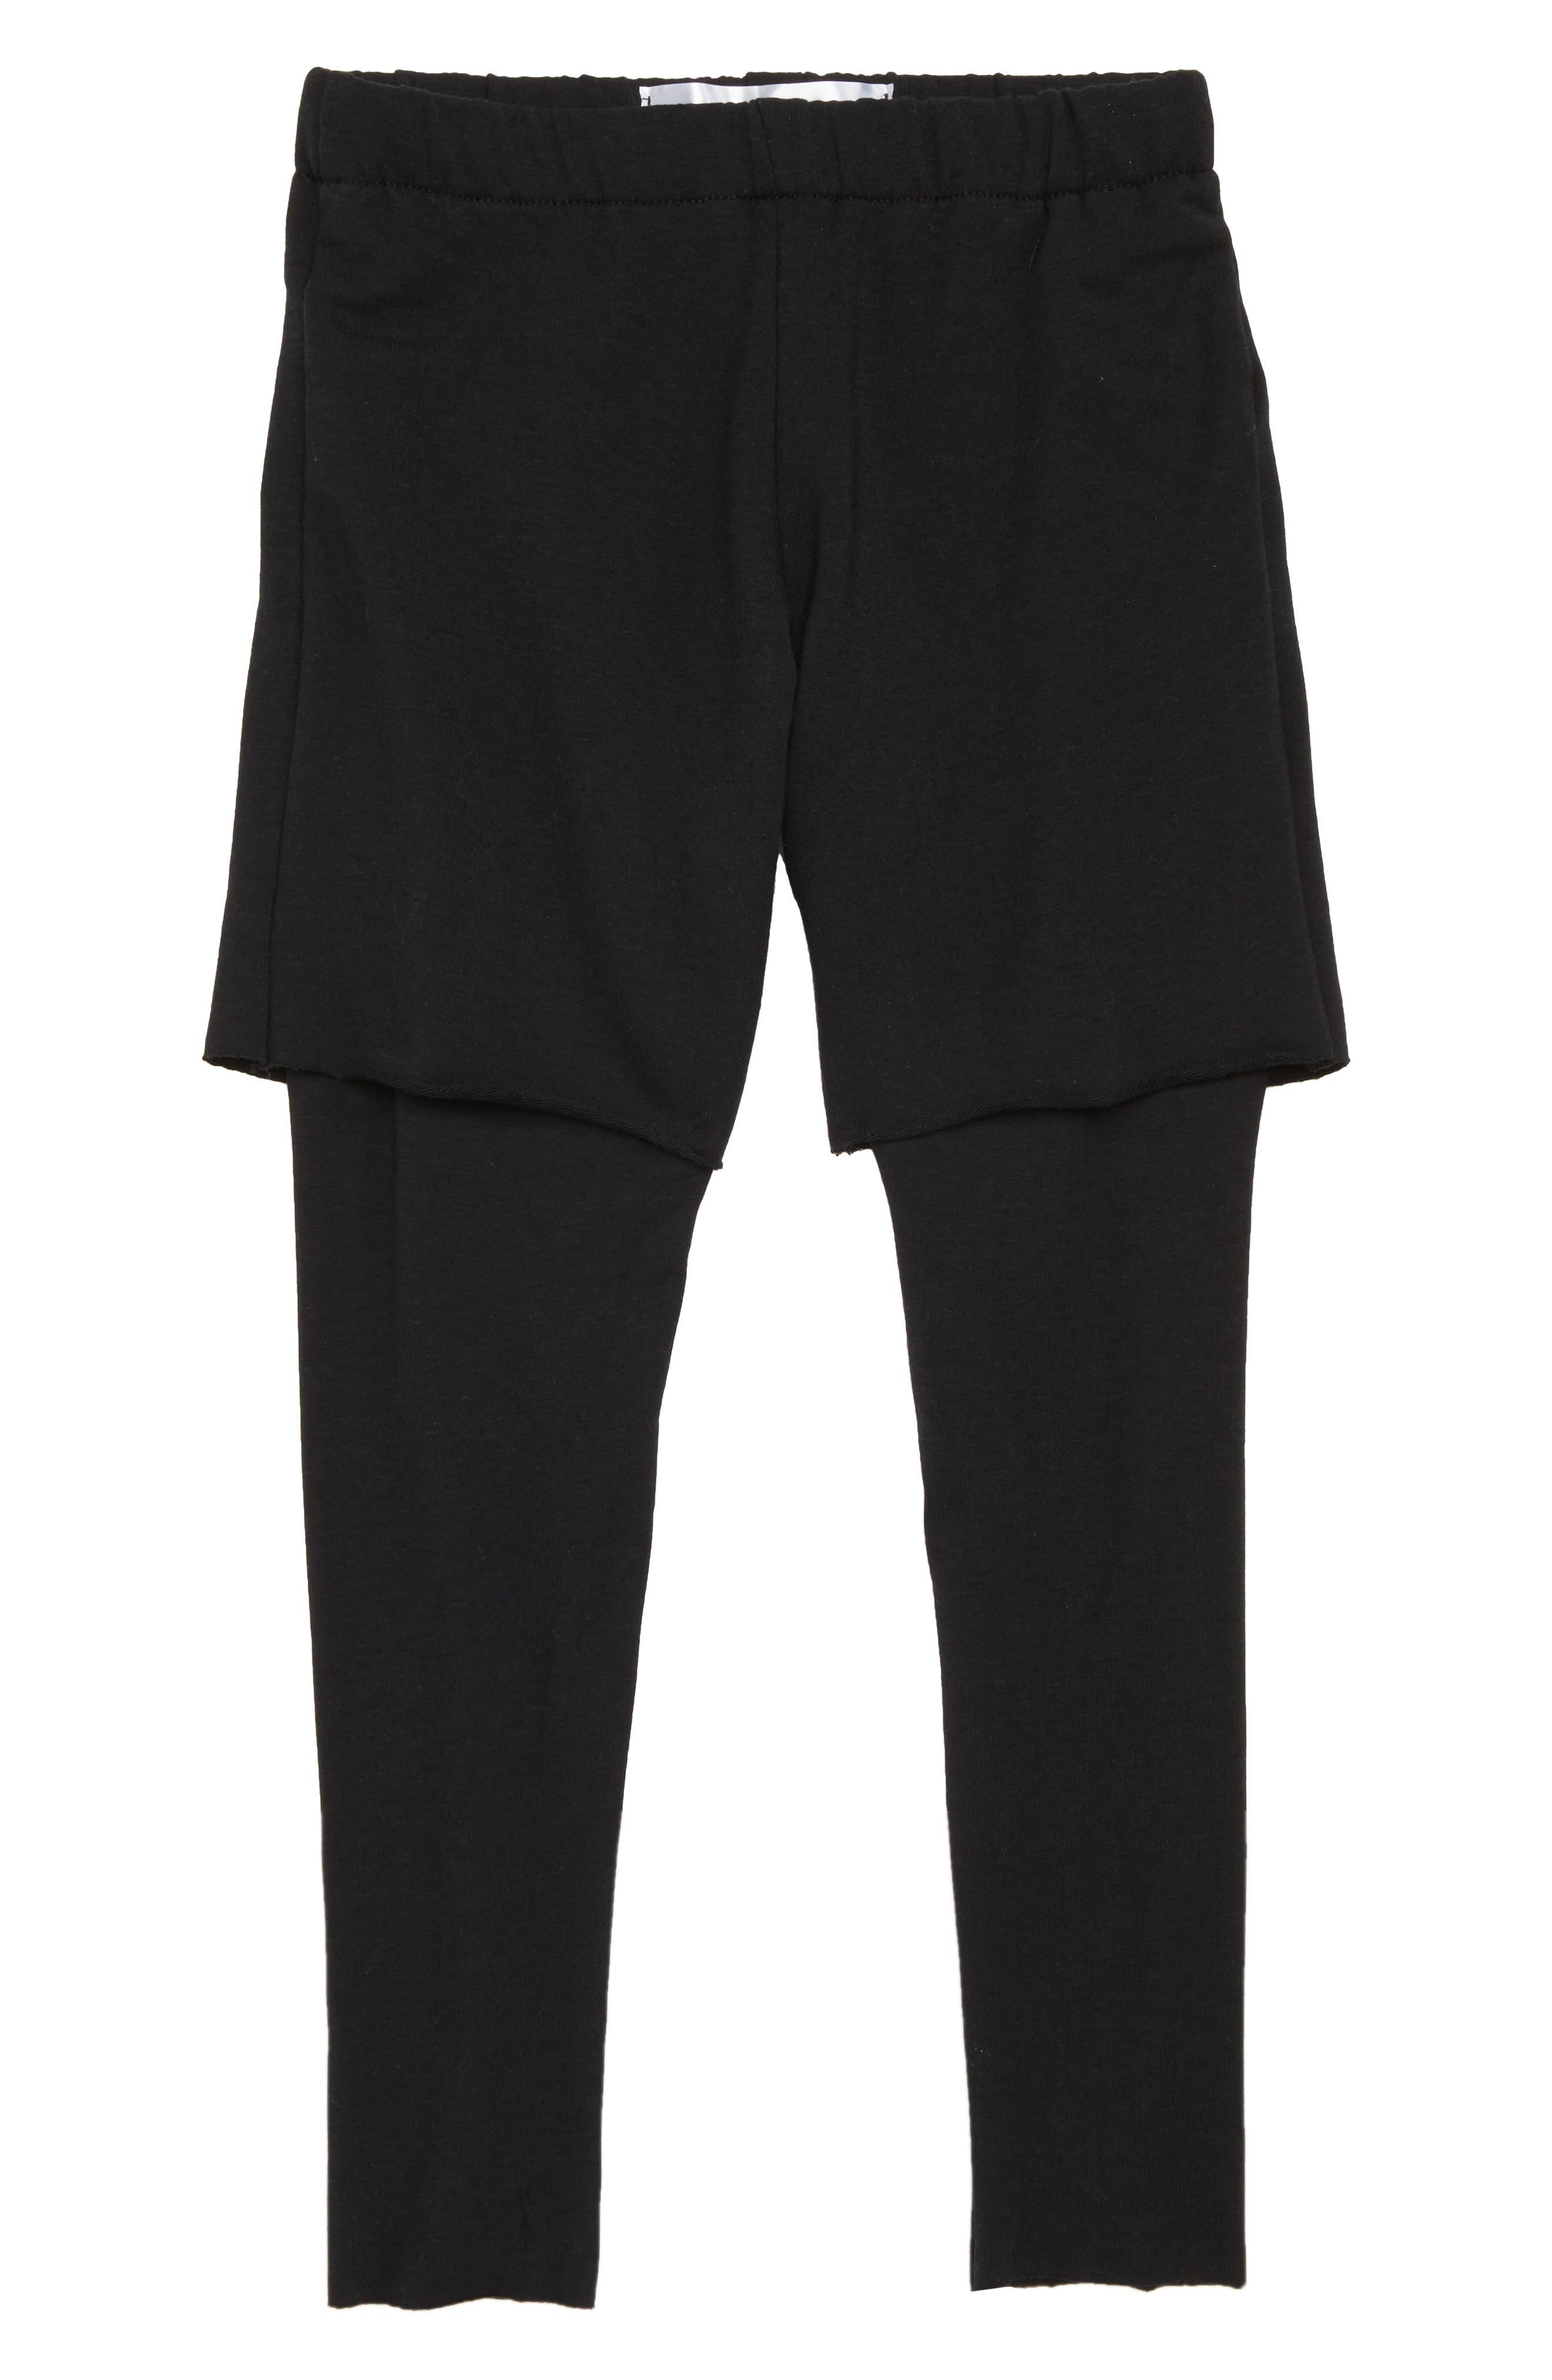 Pants,                         Main,                         color, Black